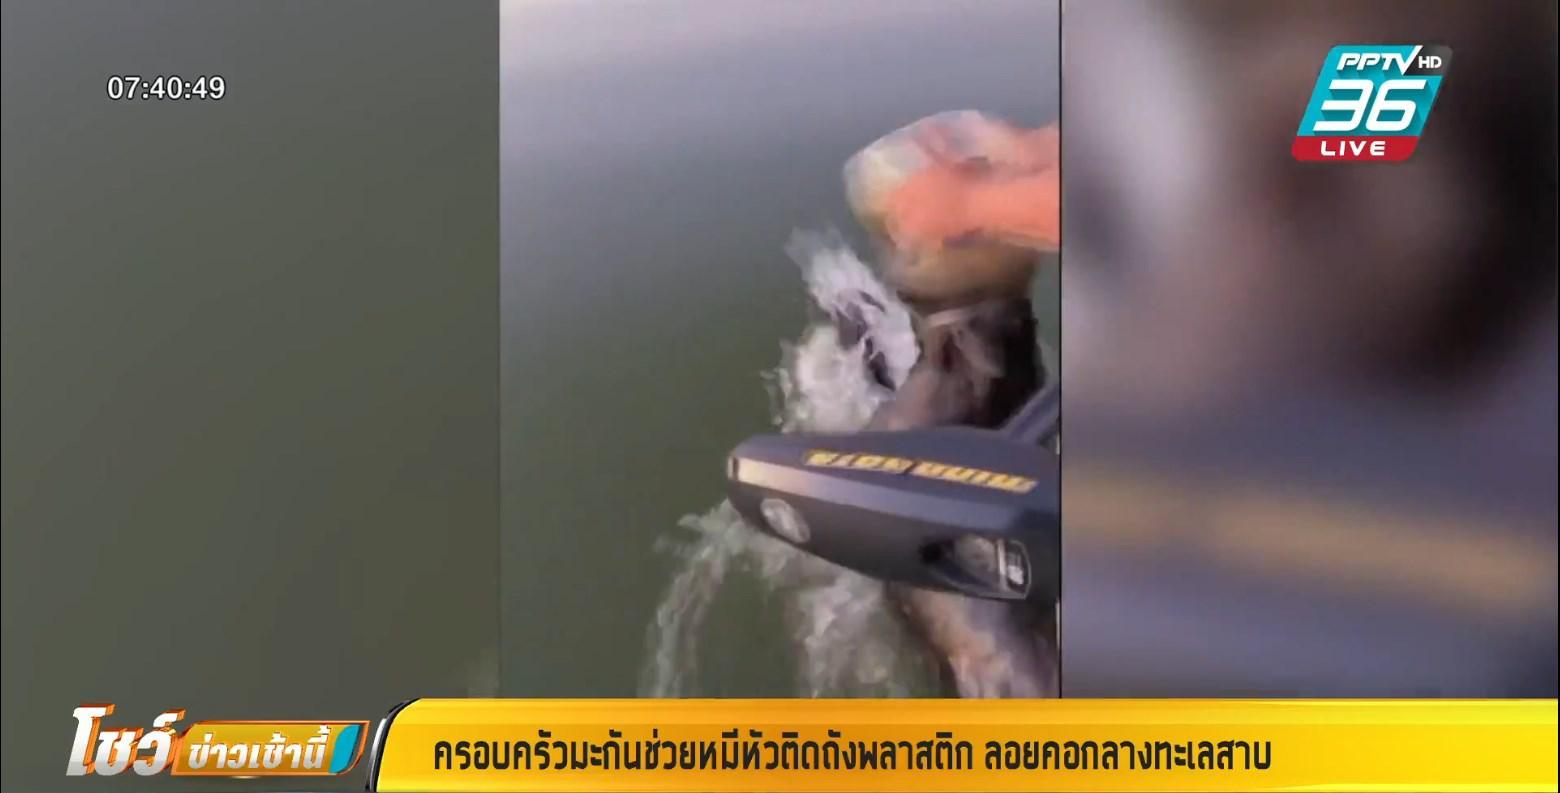 ช่วยหมีหัวติดถัง ลอยคออยู่กลางทะเลสาบ